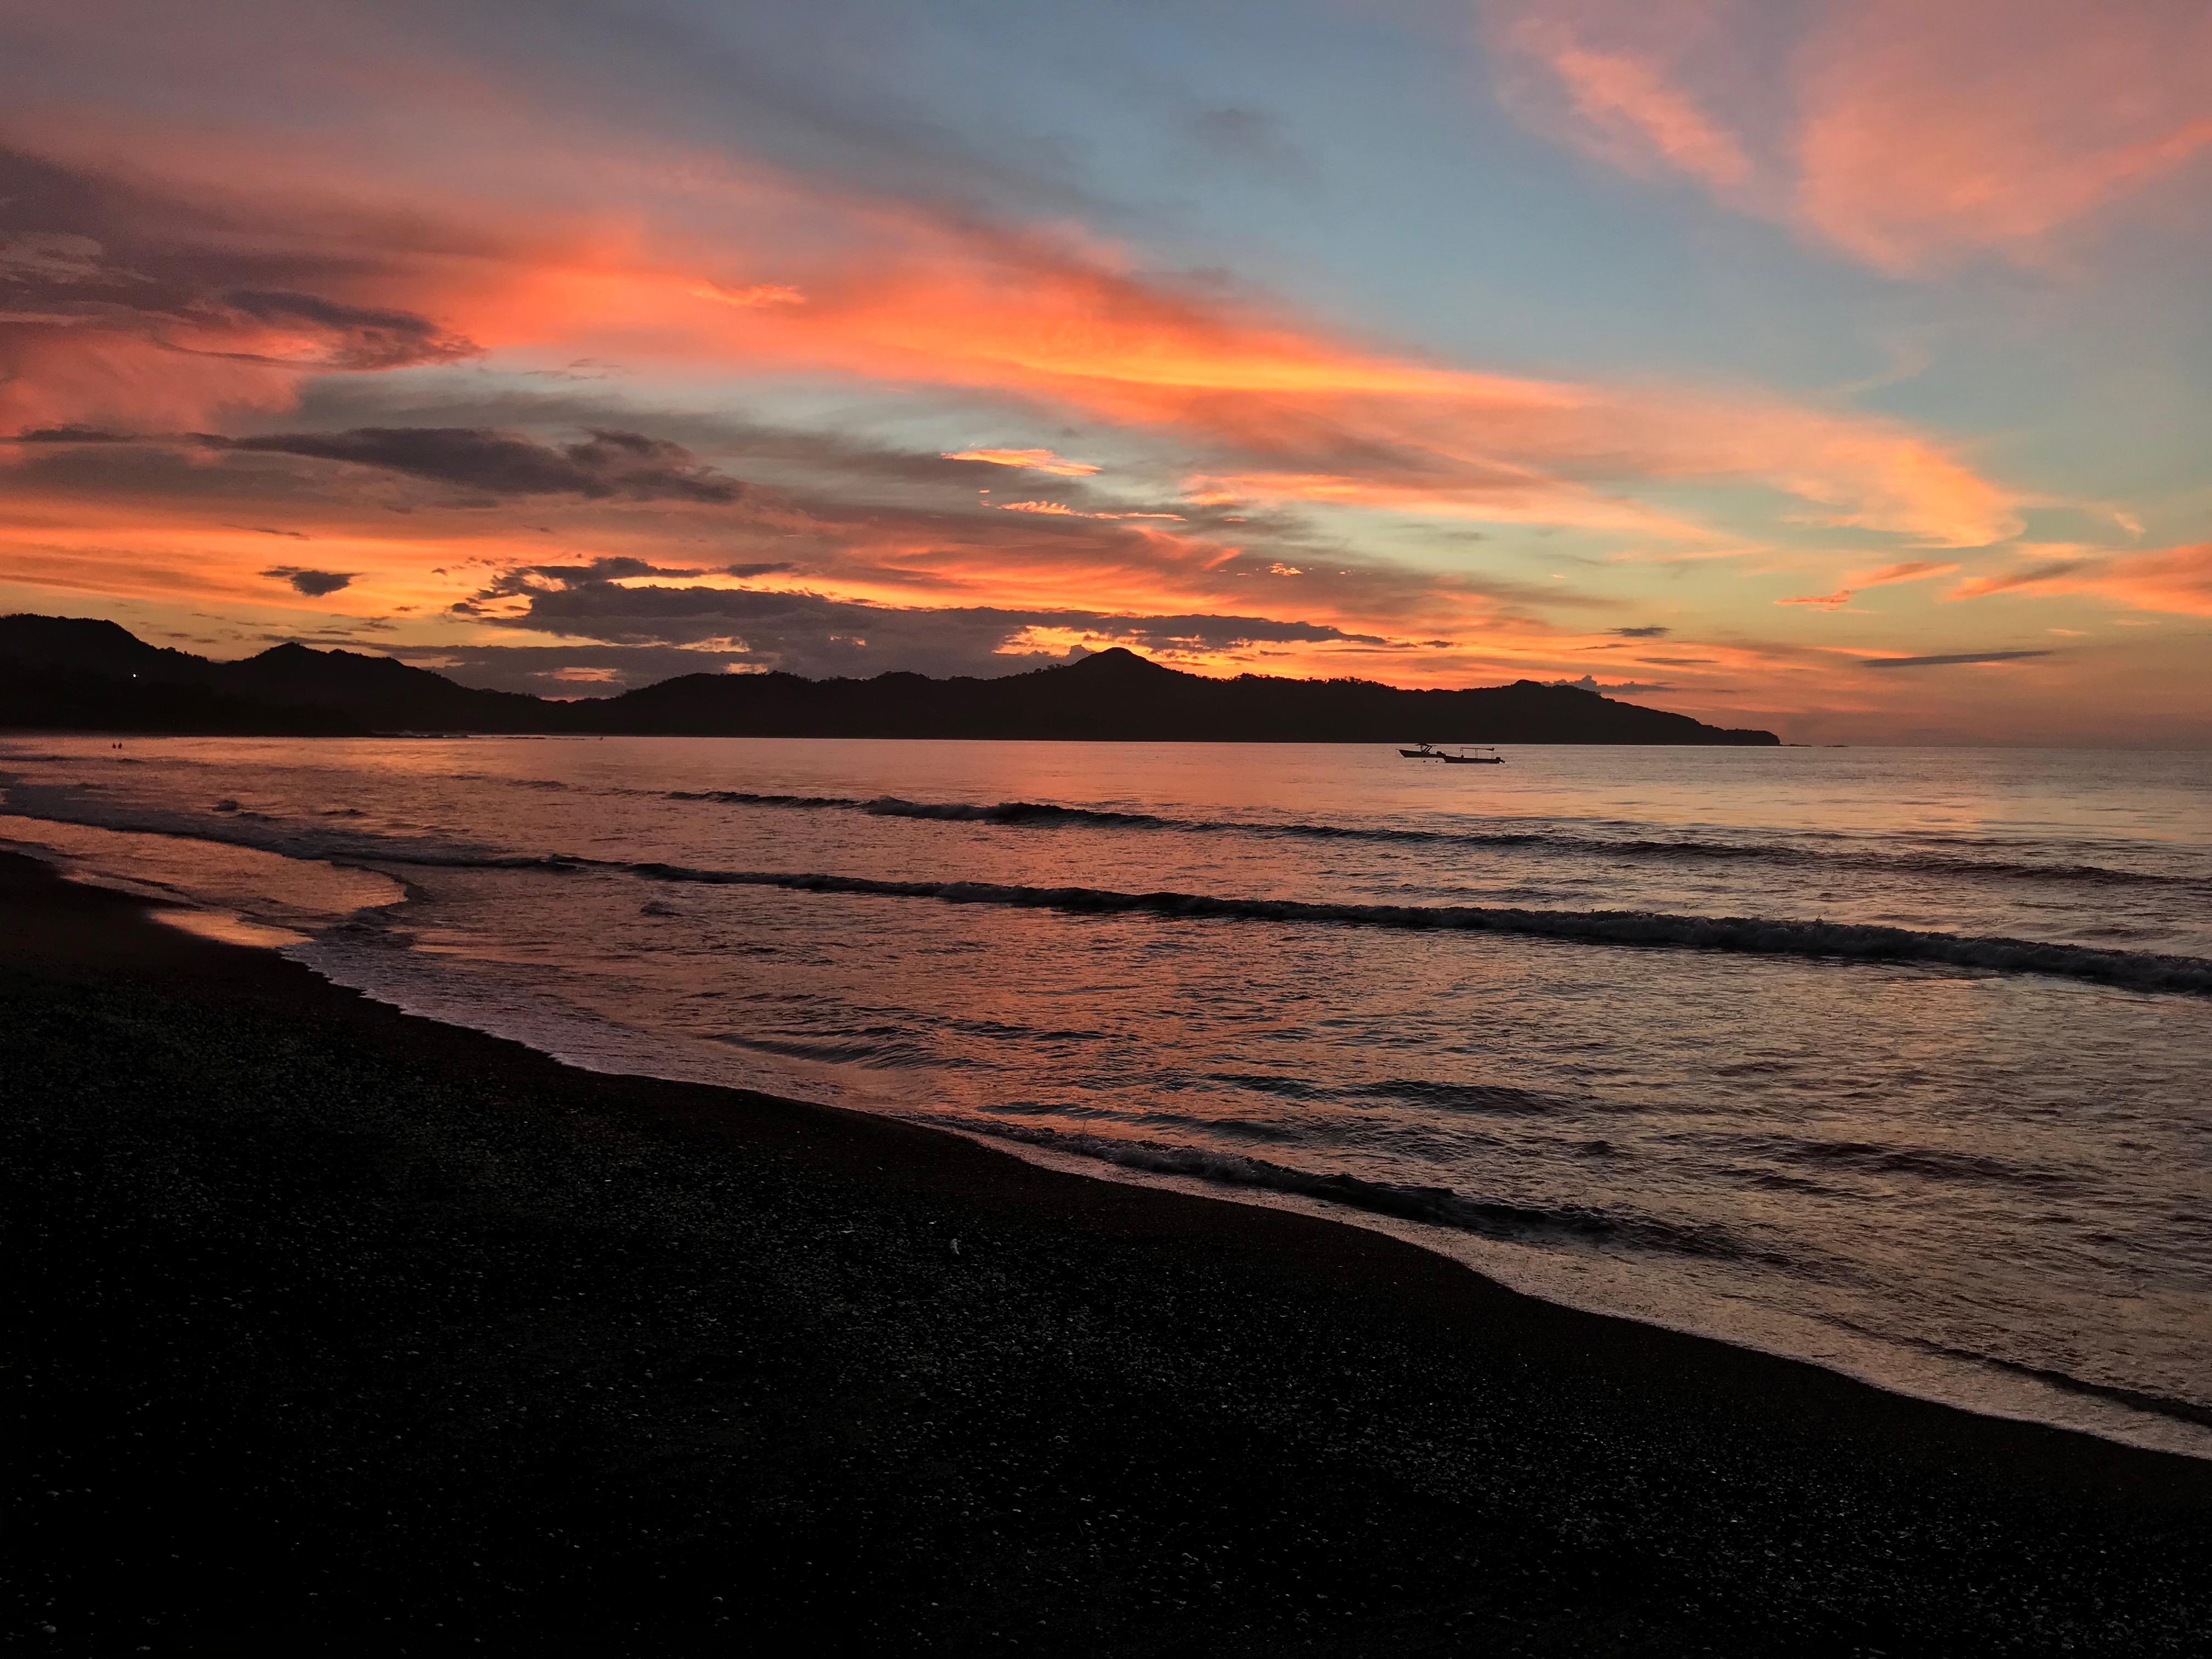 Sunset at PLAYA BRASILITO